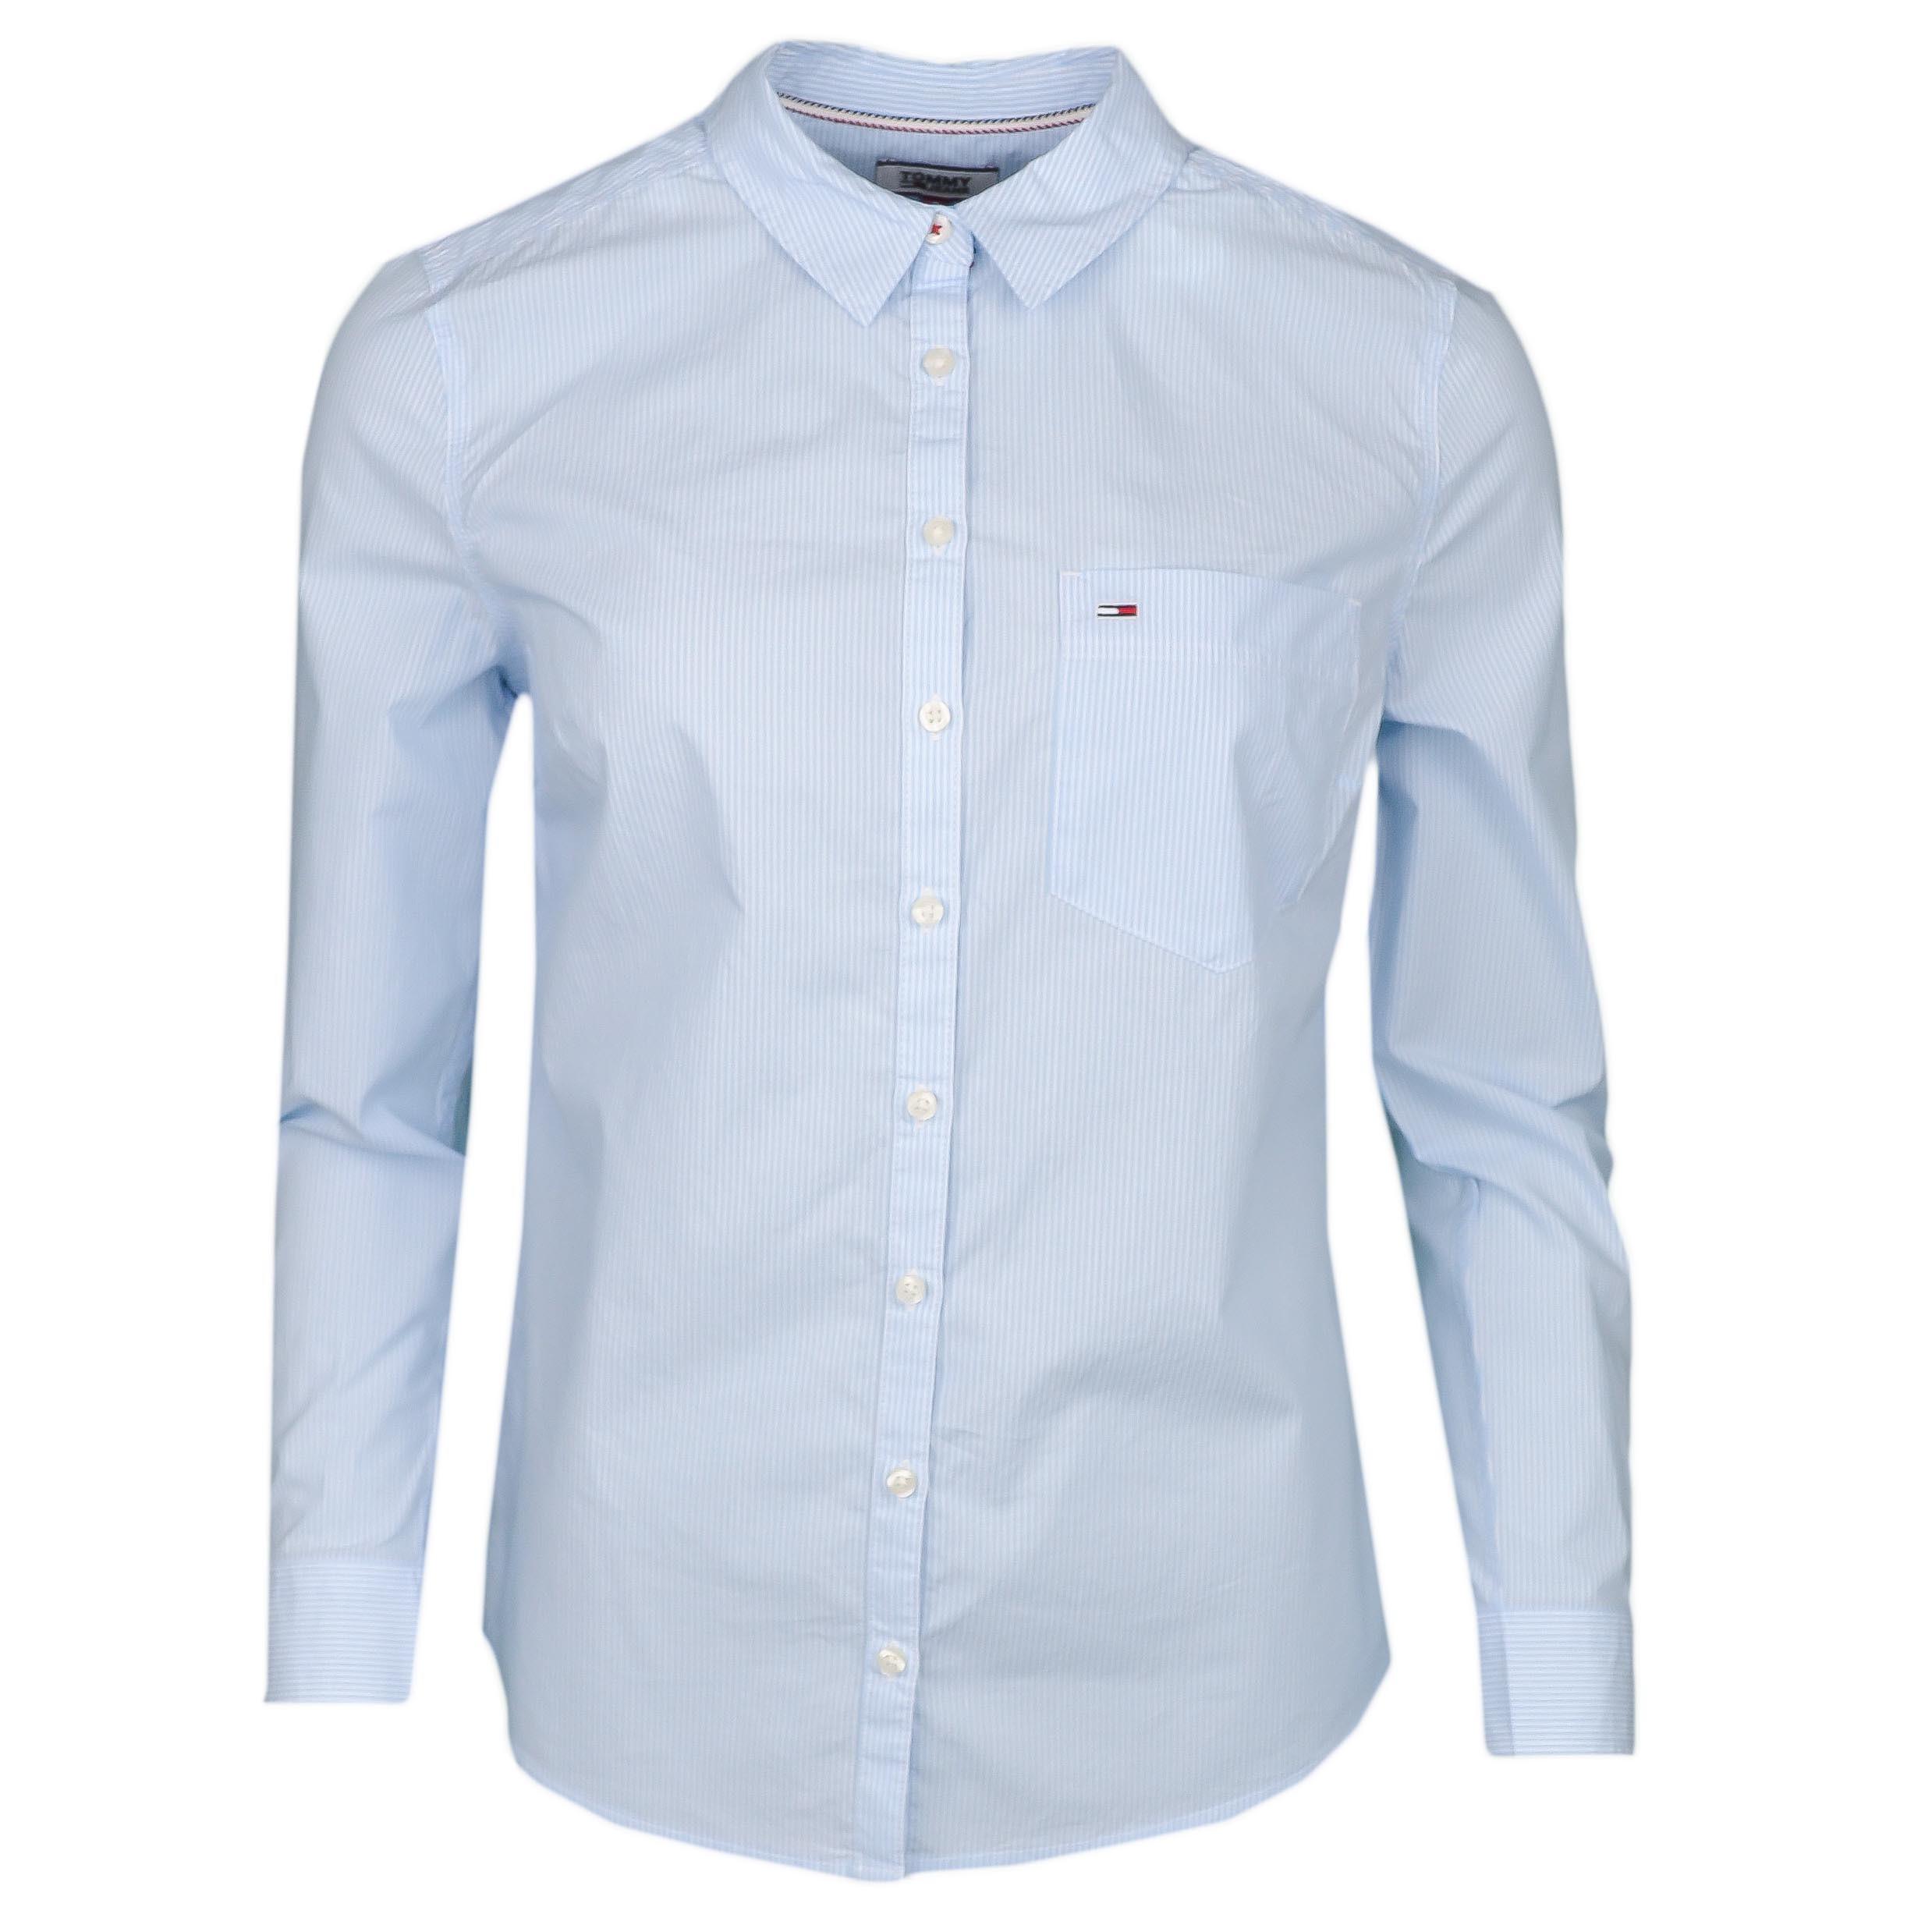 acheter pas cher 262d9 6d1f2 Chemise rayée Tommy Jeans bleu ciel et blanc régular fit pour femme...